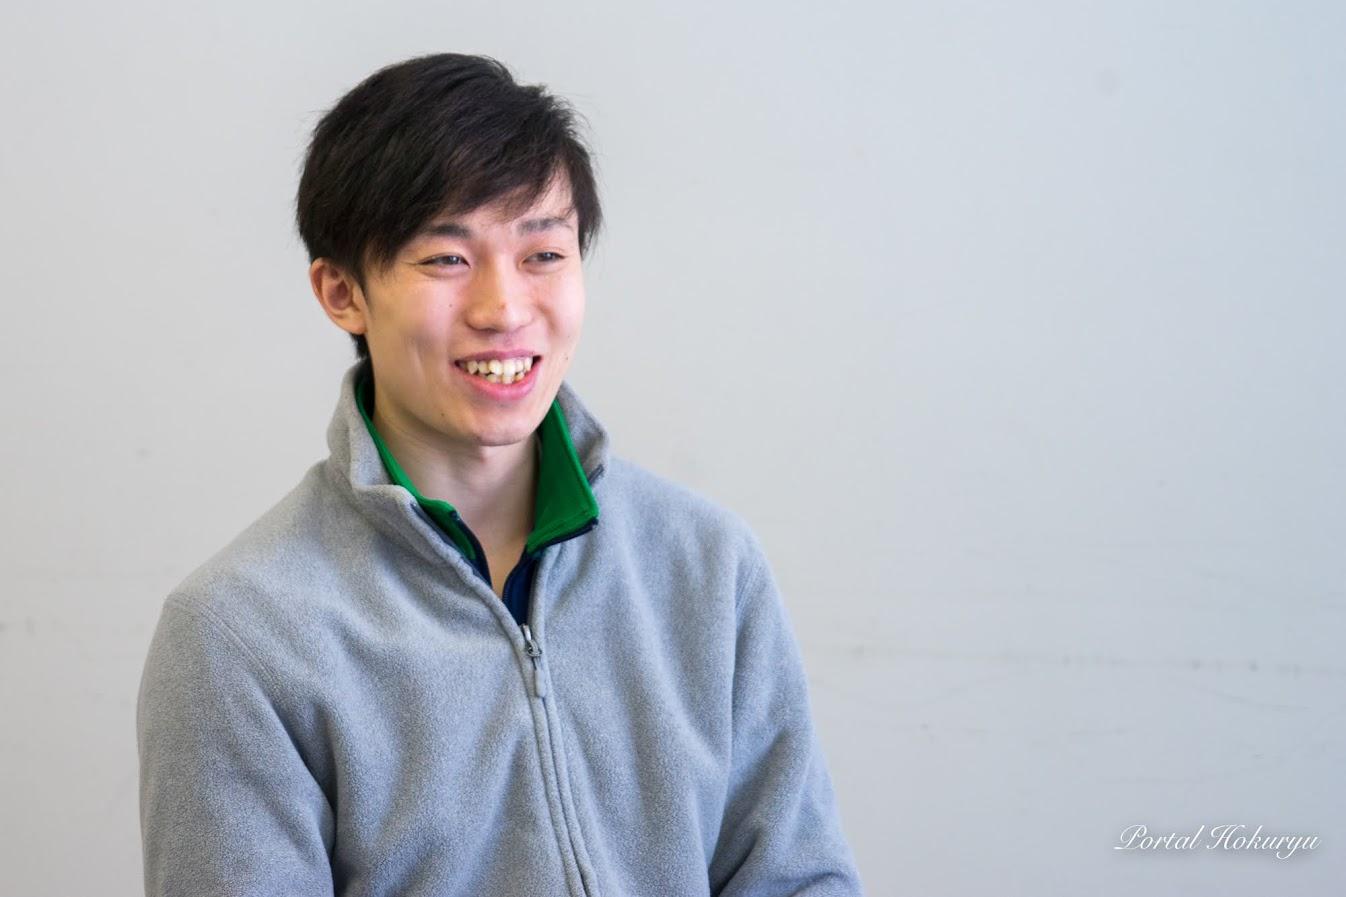 世界ジュニアBカーリング選手権大会に北竜町教育委員会・清水野梨希さん出場